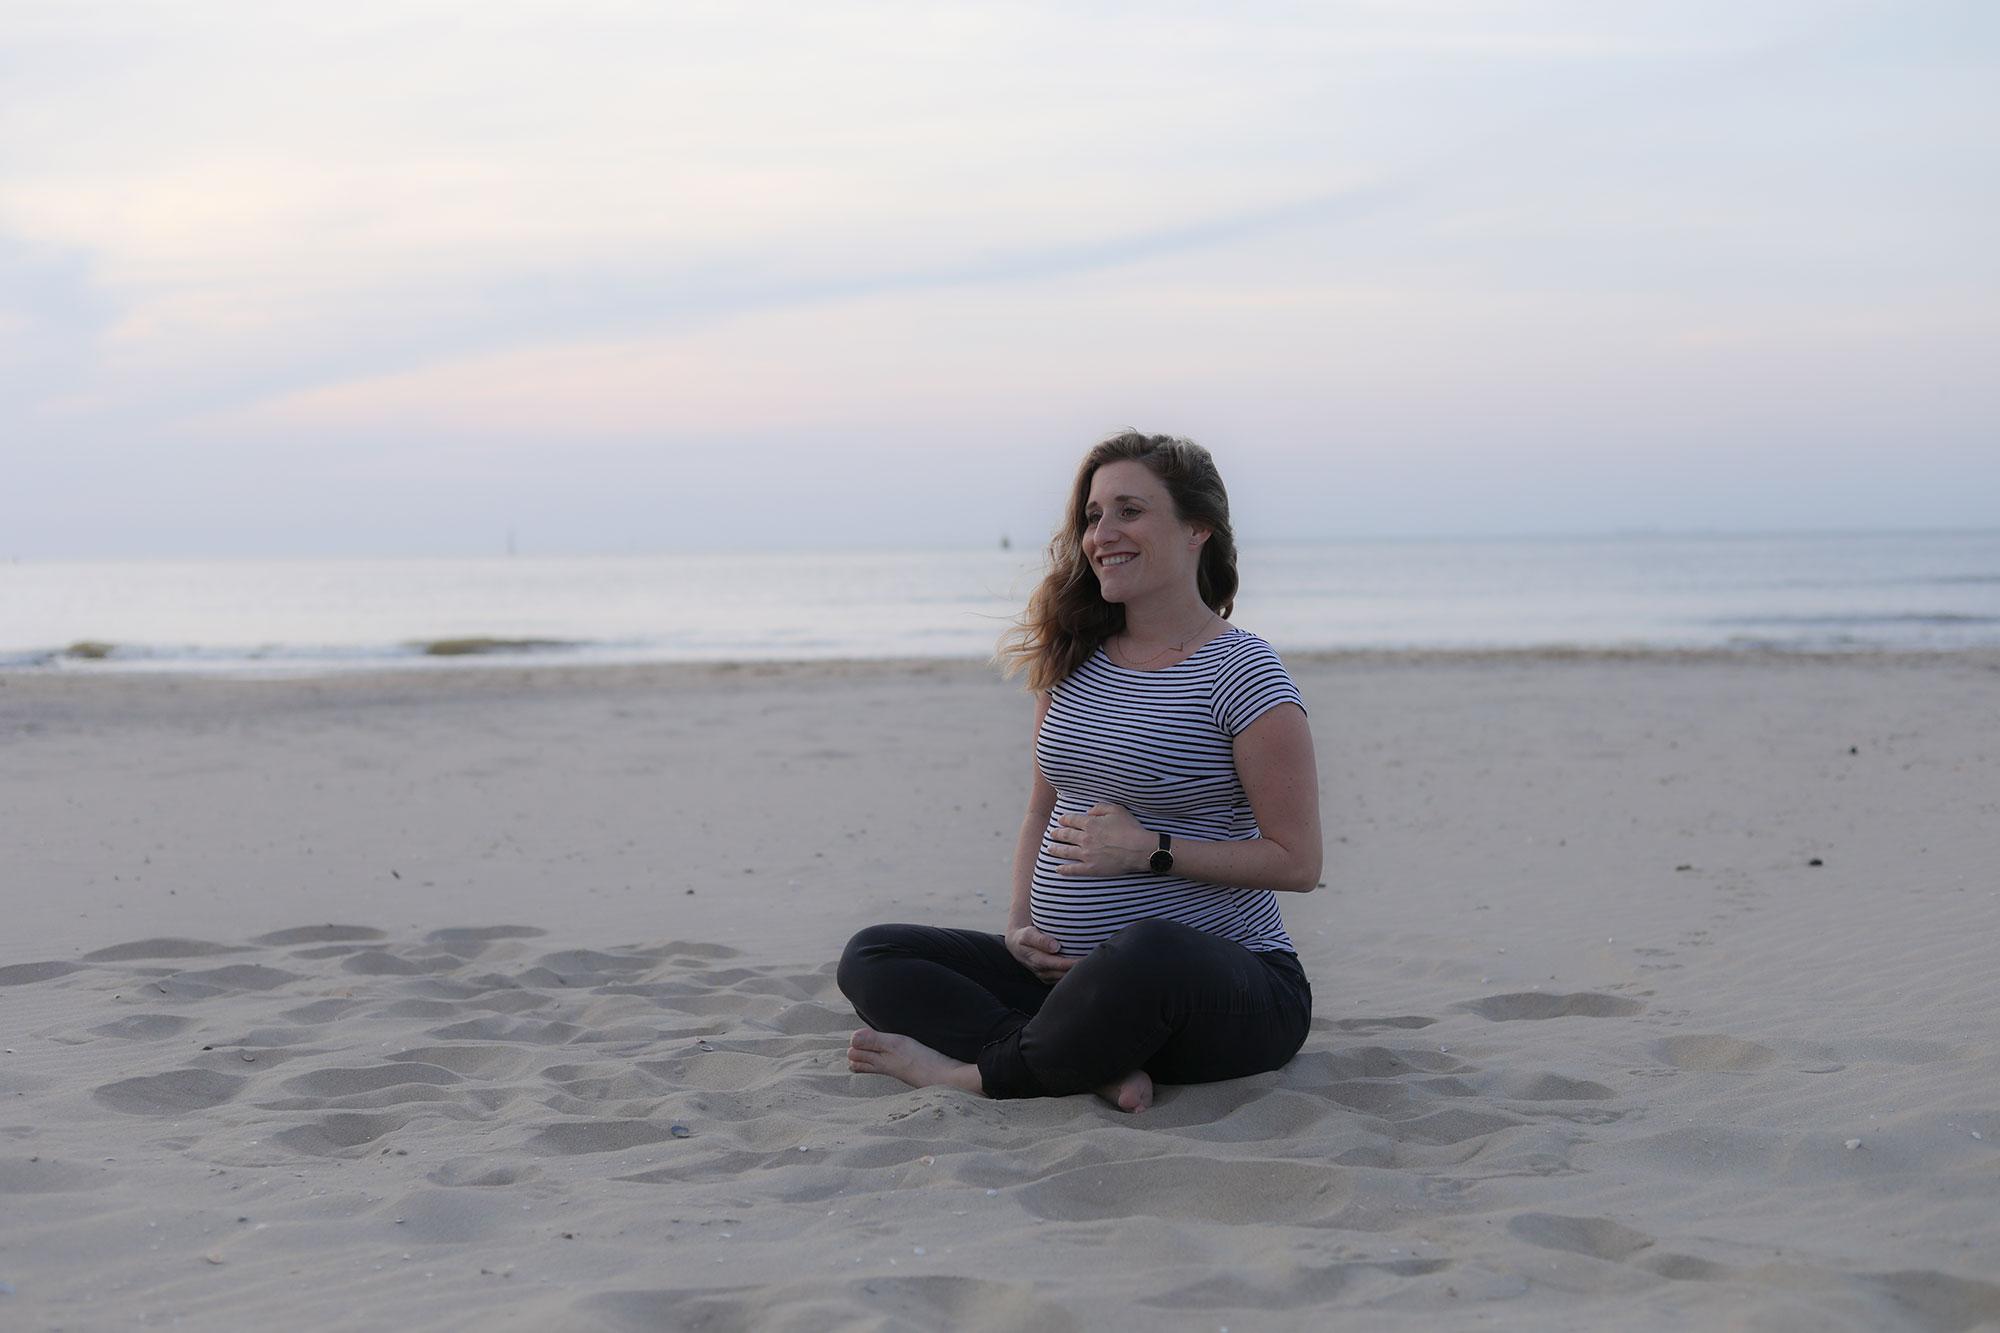 Gezinsfoto, gezinsfotografie of gezinsreportage, zwangerschapsfotografie